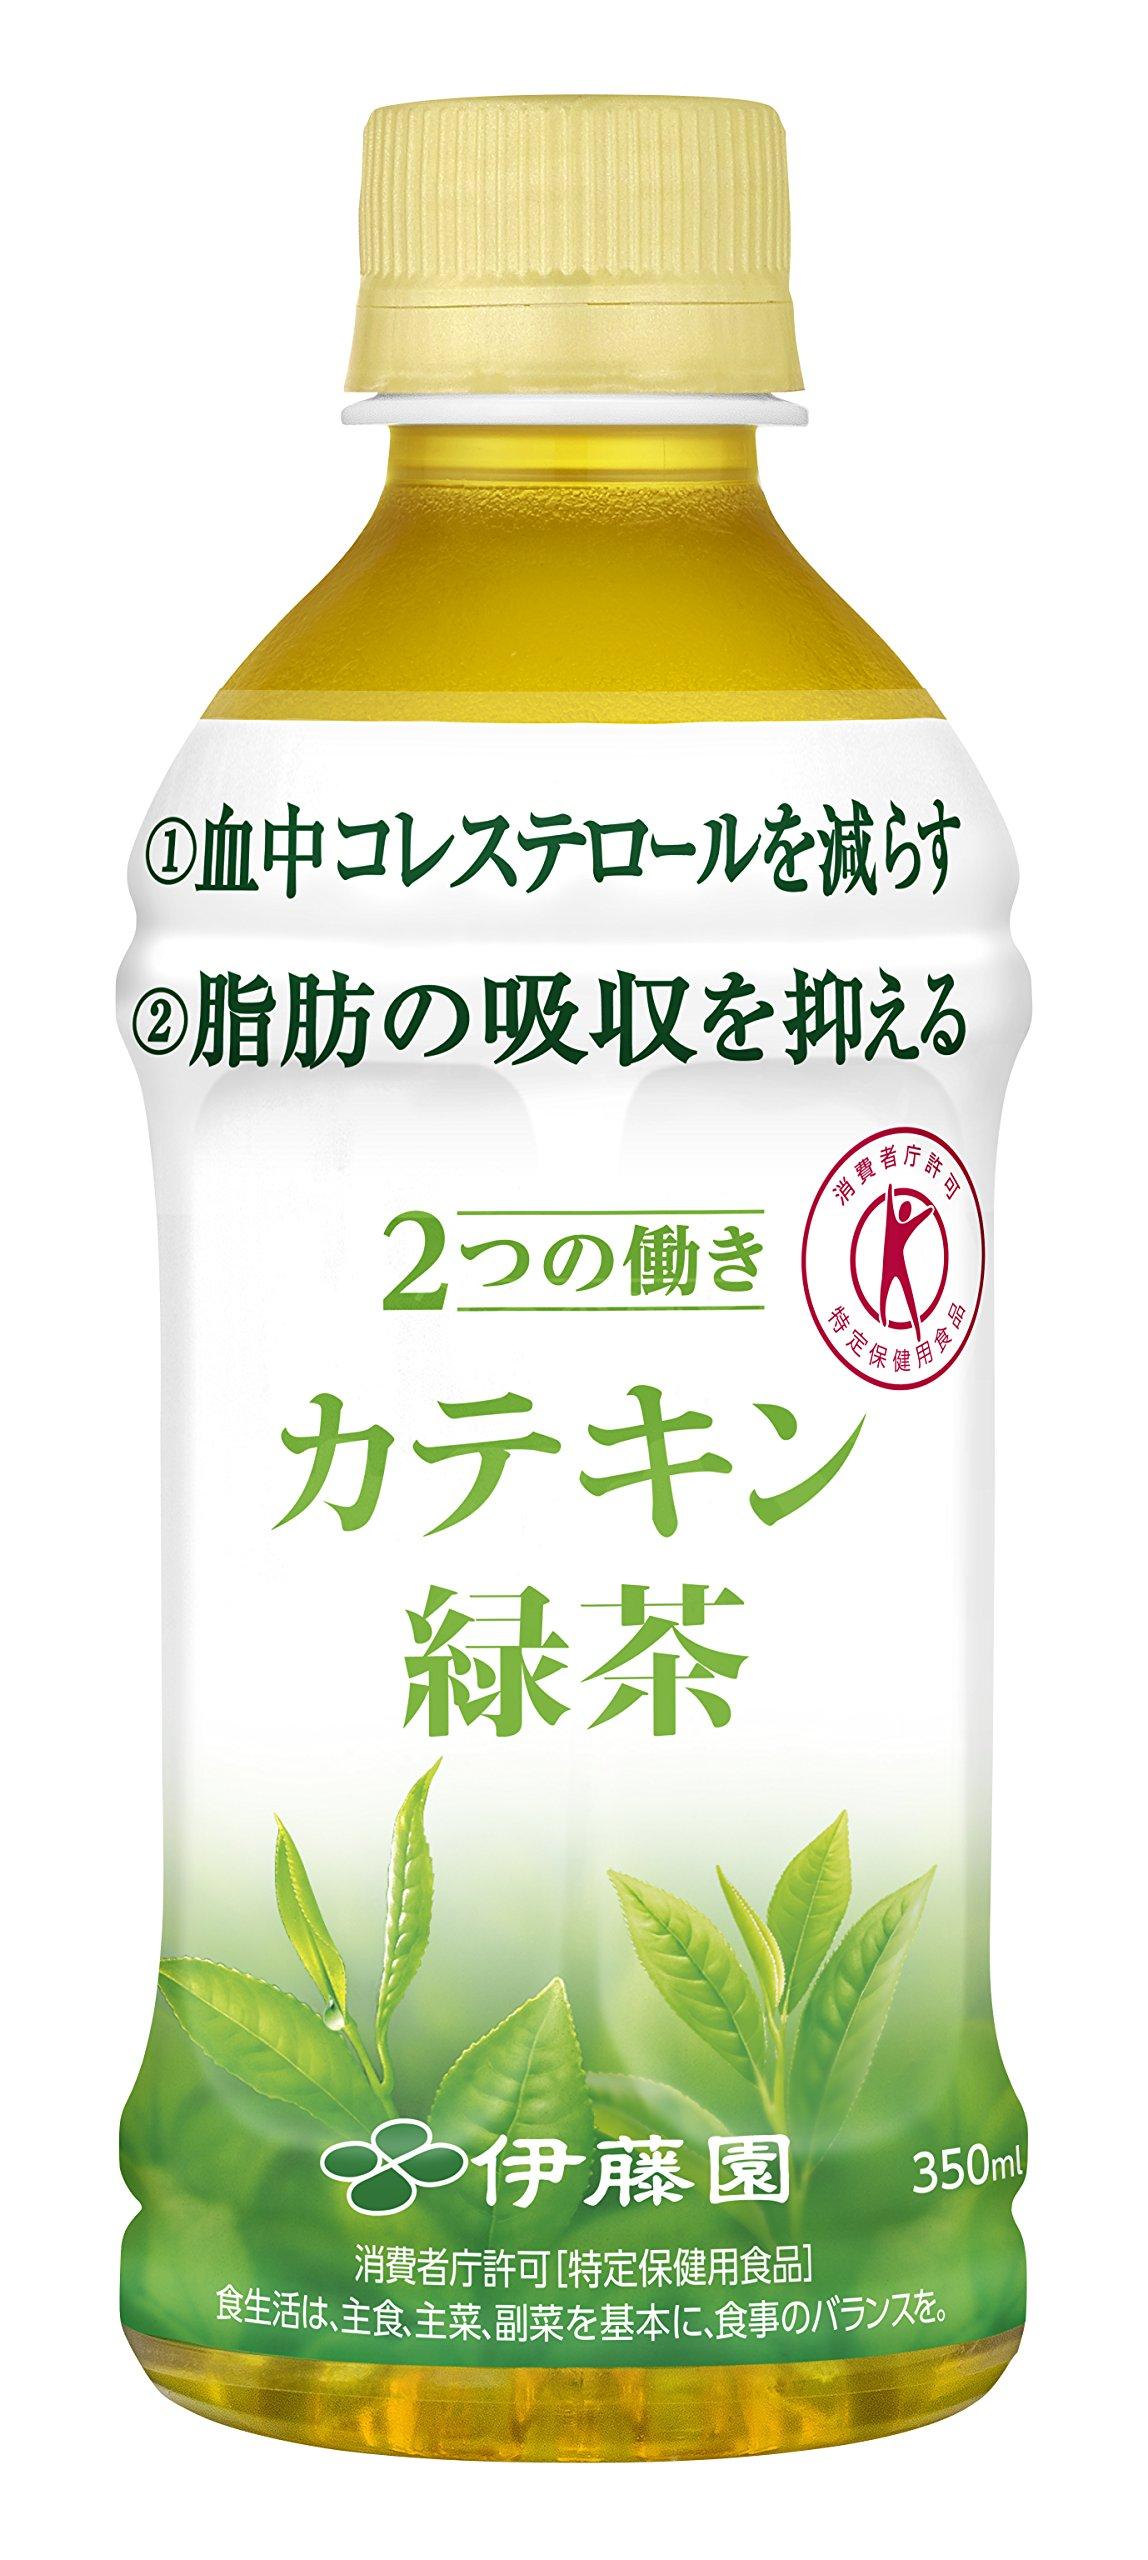 2つの働き カテキン緑茶 ペット 350mlx24本 (トクホ)